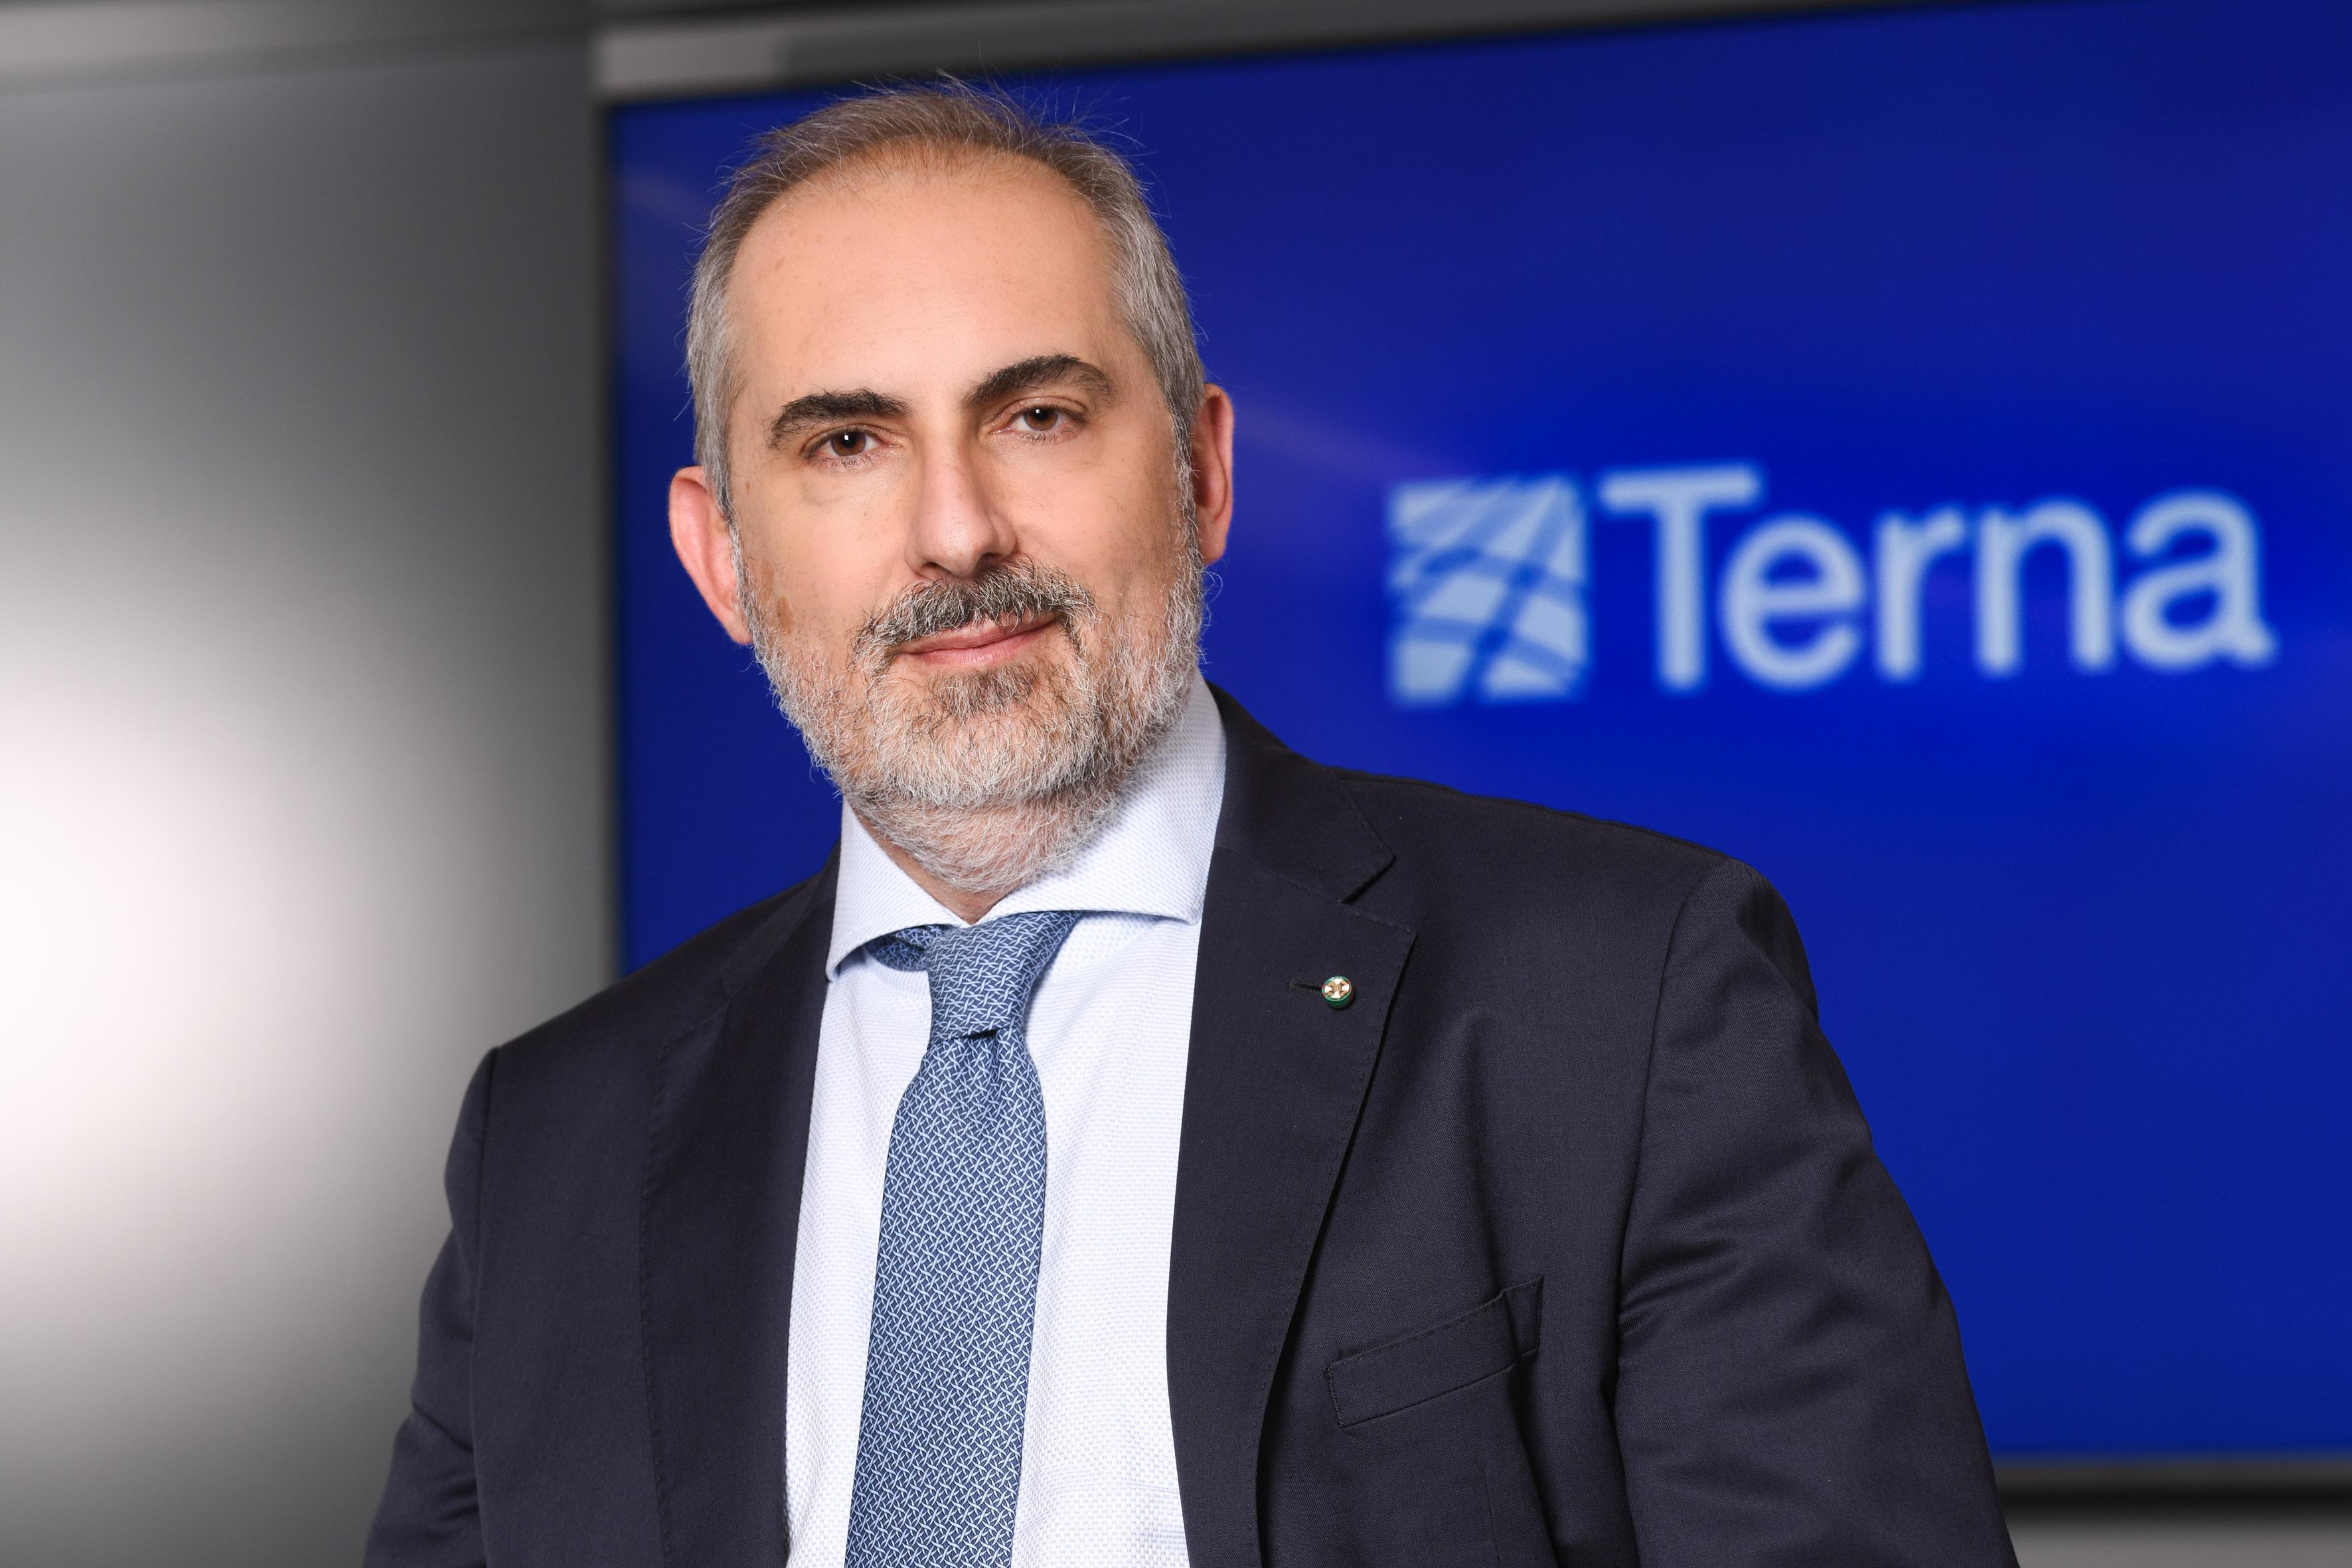 L'amministratore delegato di Terna, Stefano Donnarumma